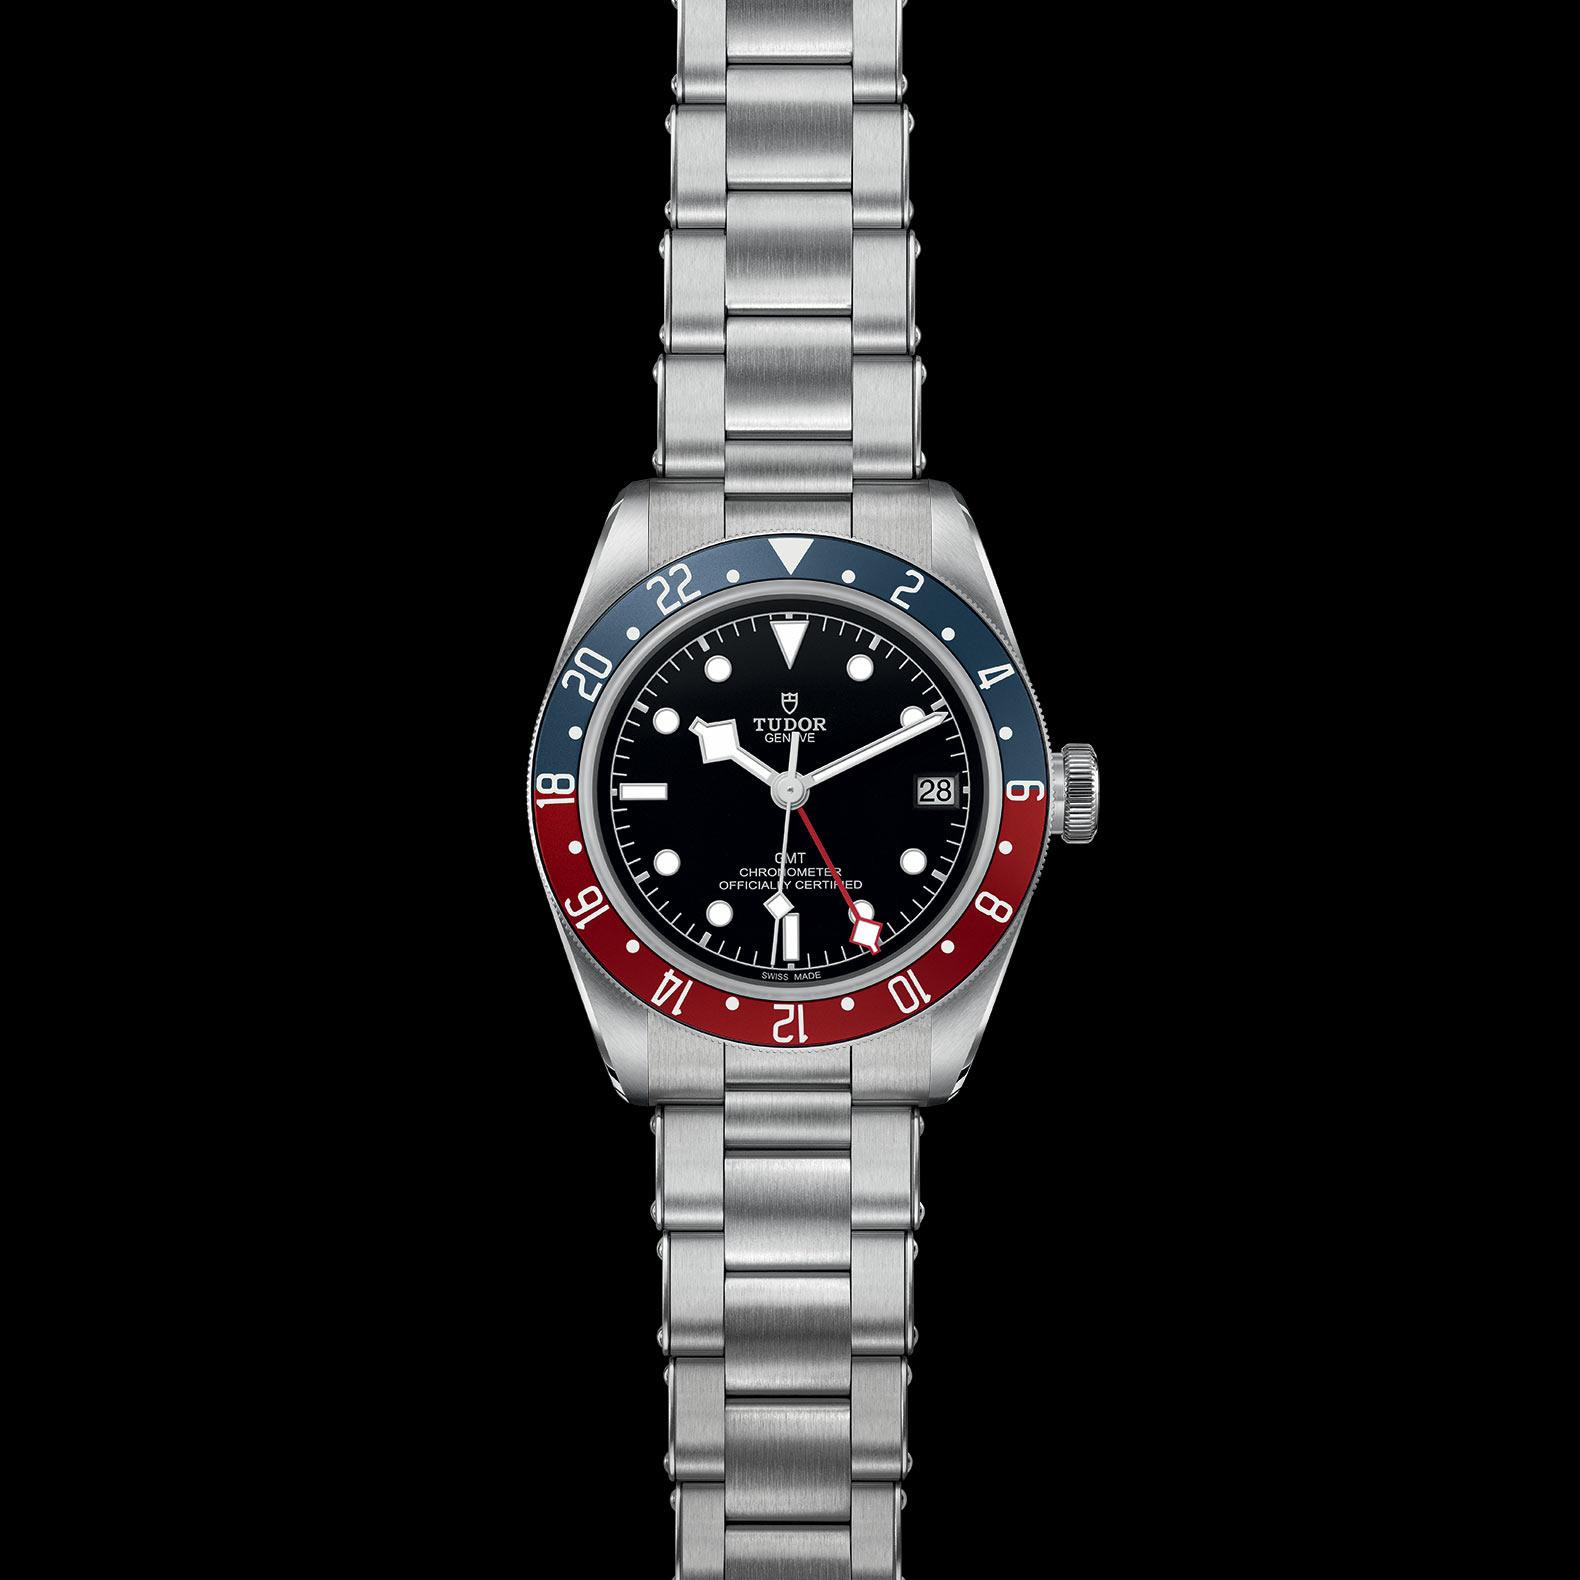 Reloj Tudor Black Bay GMT Automático en acero con indicador de fecha y bisel azul/rojo.